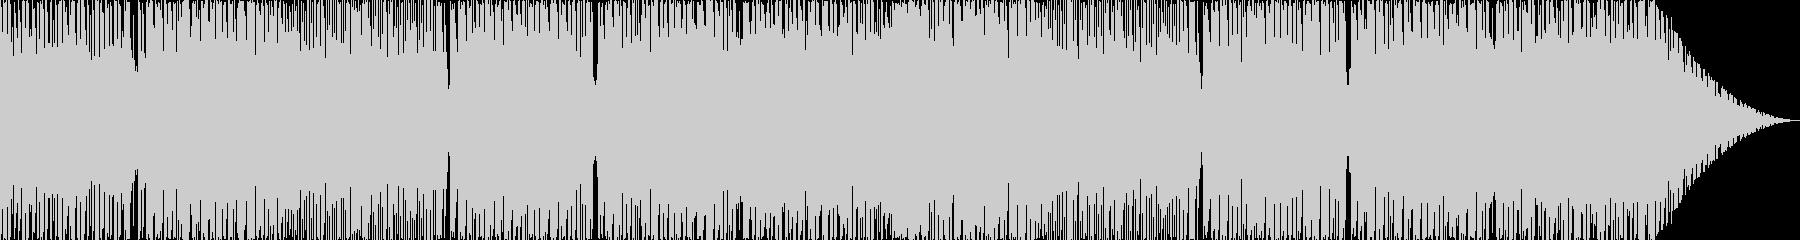 カシオペアばりの16ビートフュージョンの未再生の波形